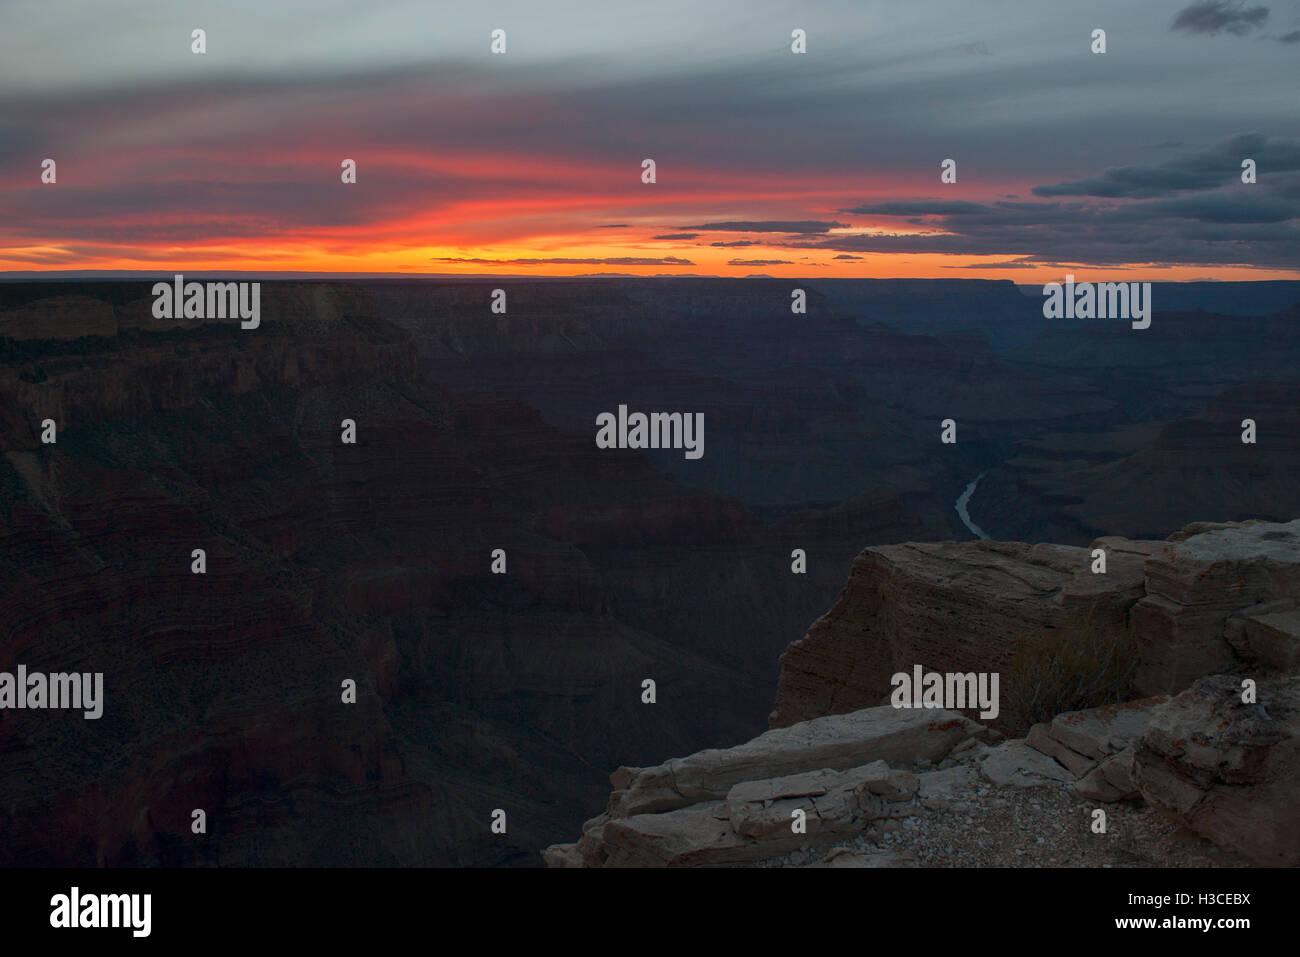 Sonnenuntergang über den Grand Canyon, Arizona, USA Stockfoto